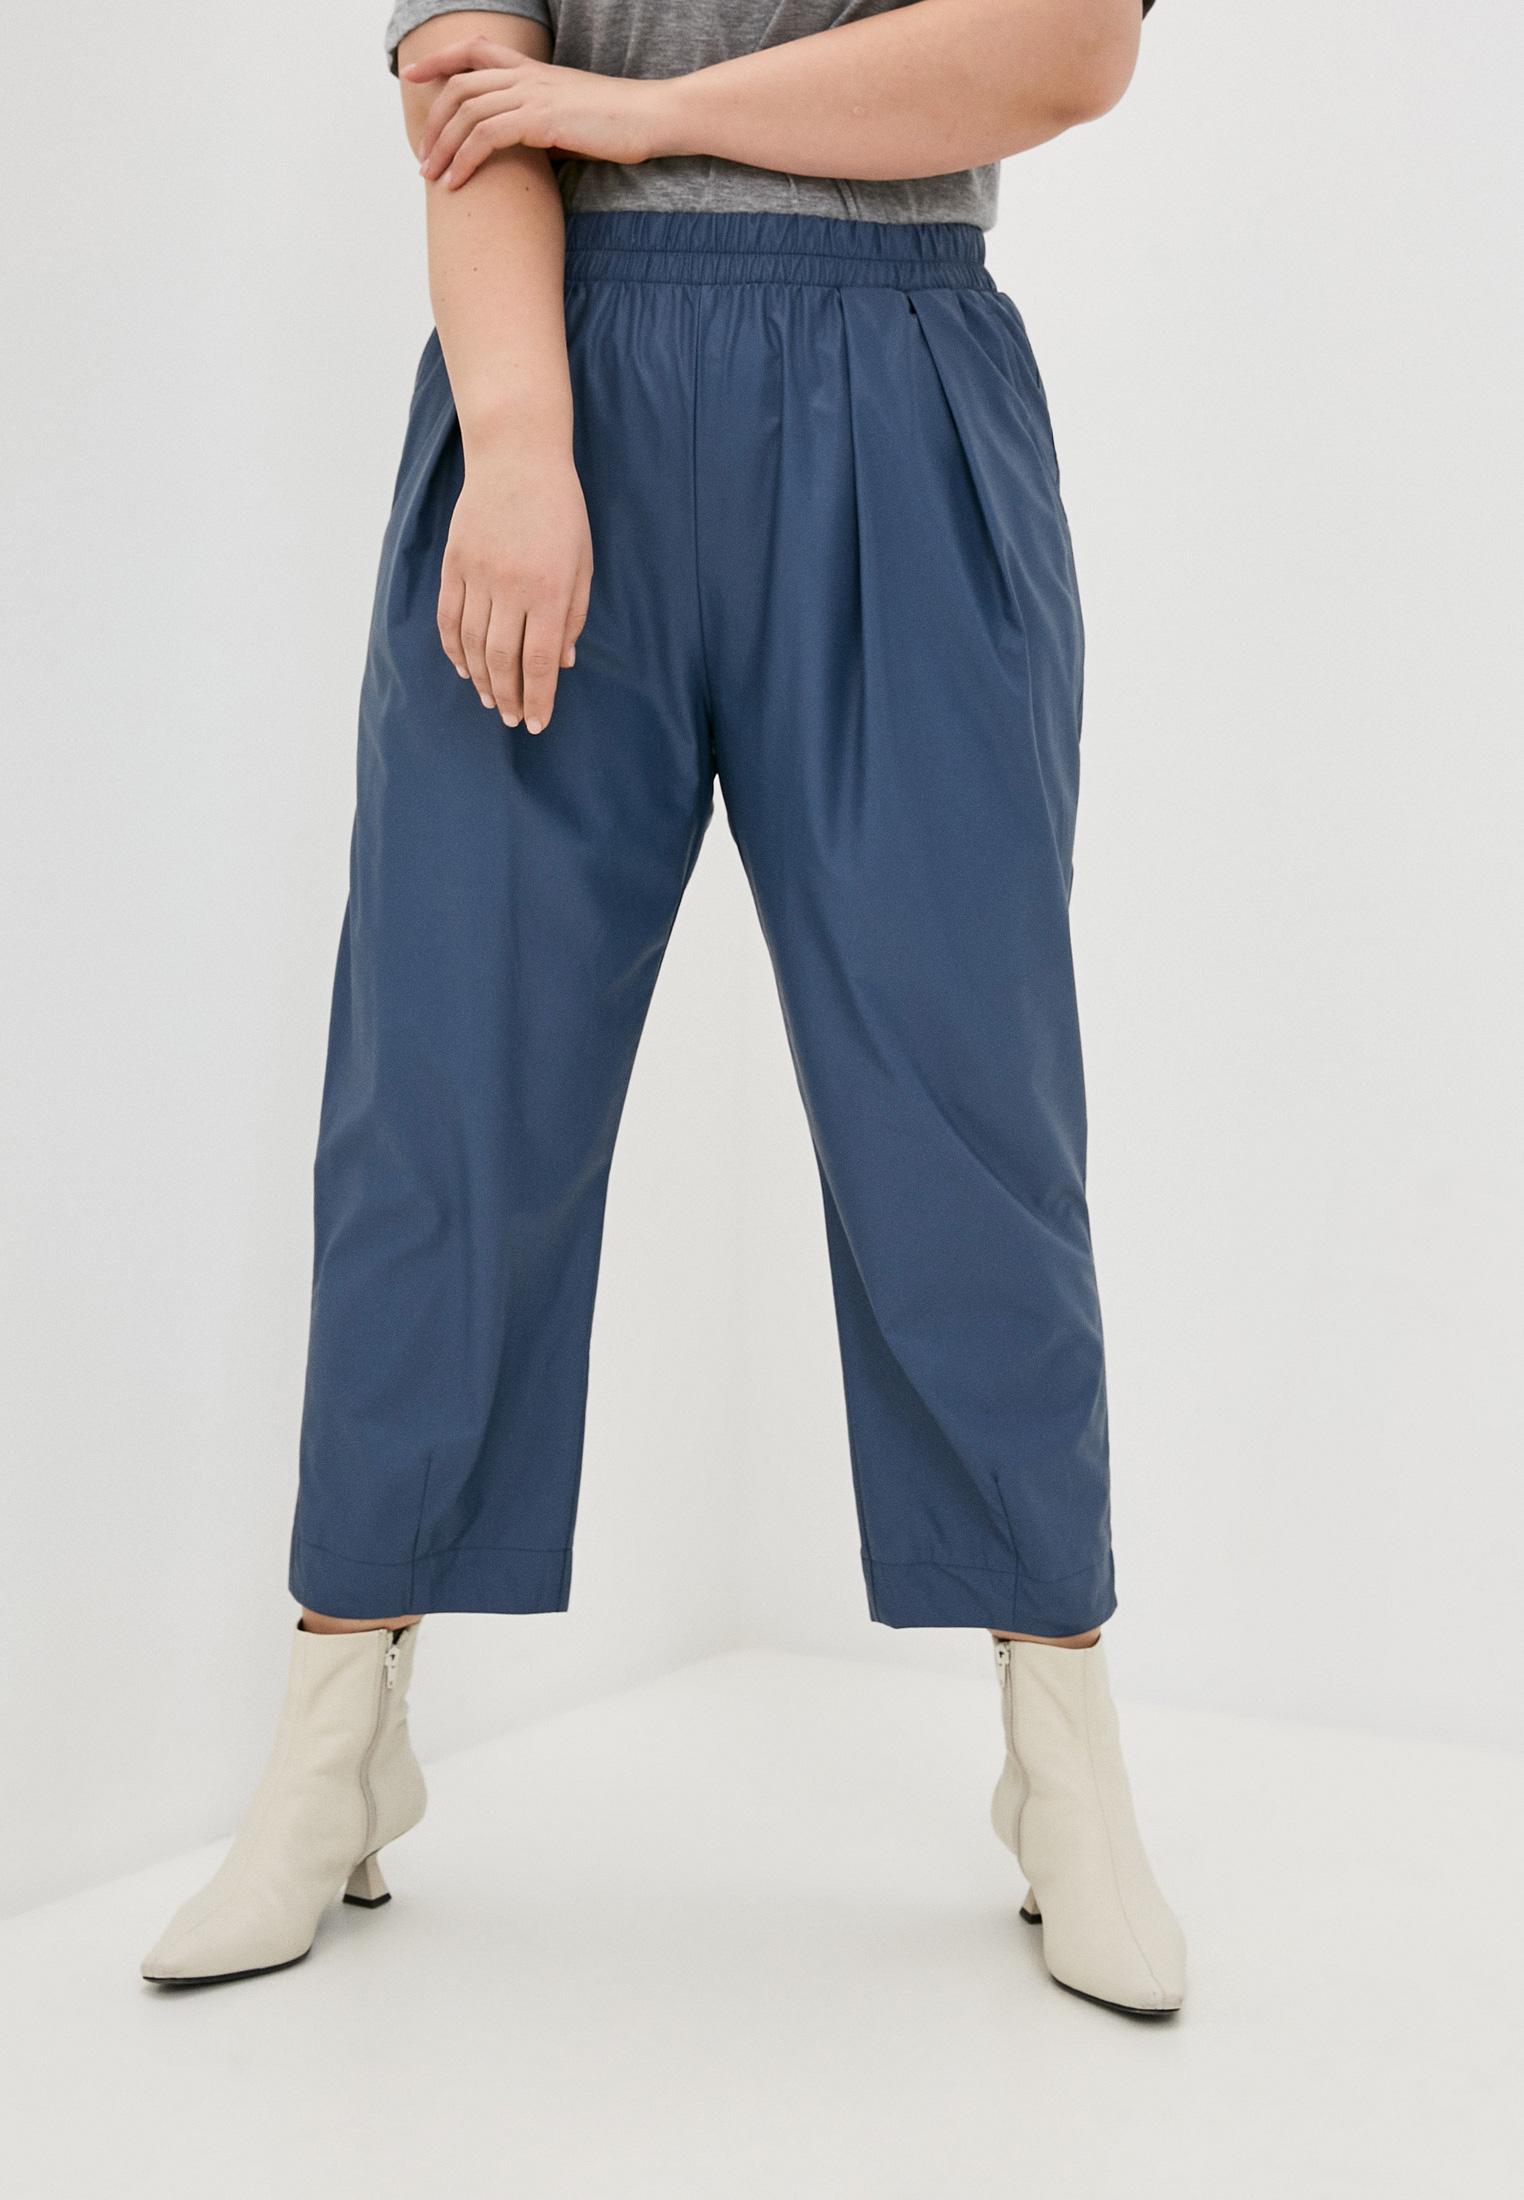 Женские широкие и расклешенные брюки Nataliy Beate Брюки мод.512К